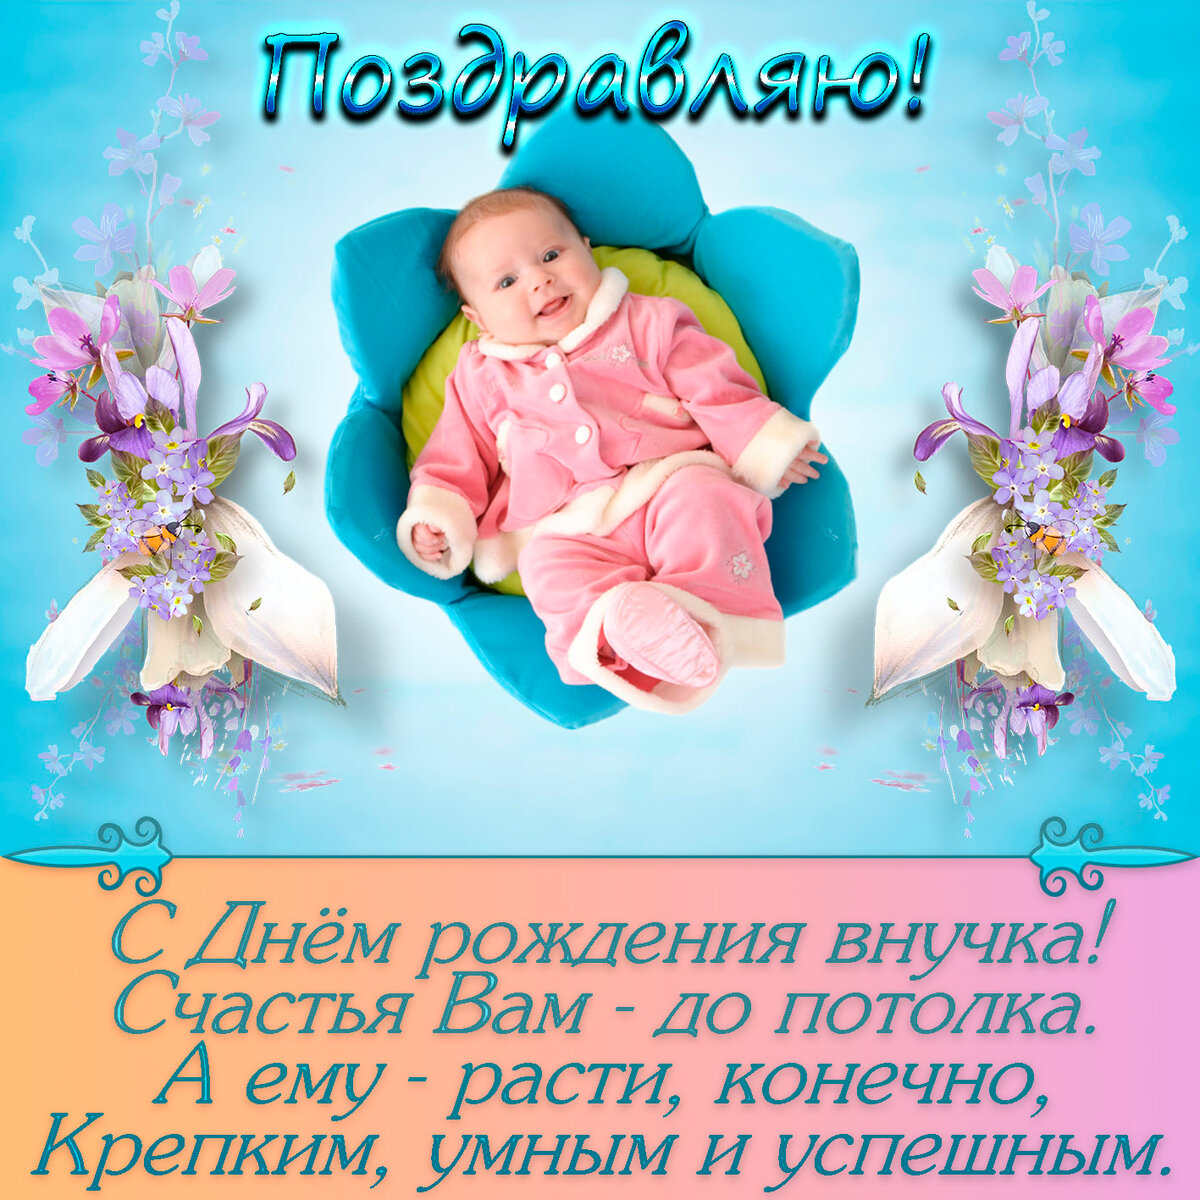 открытка друзьям с днем рождения внука каждый может